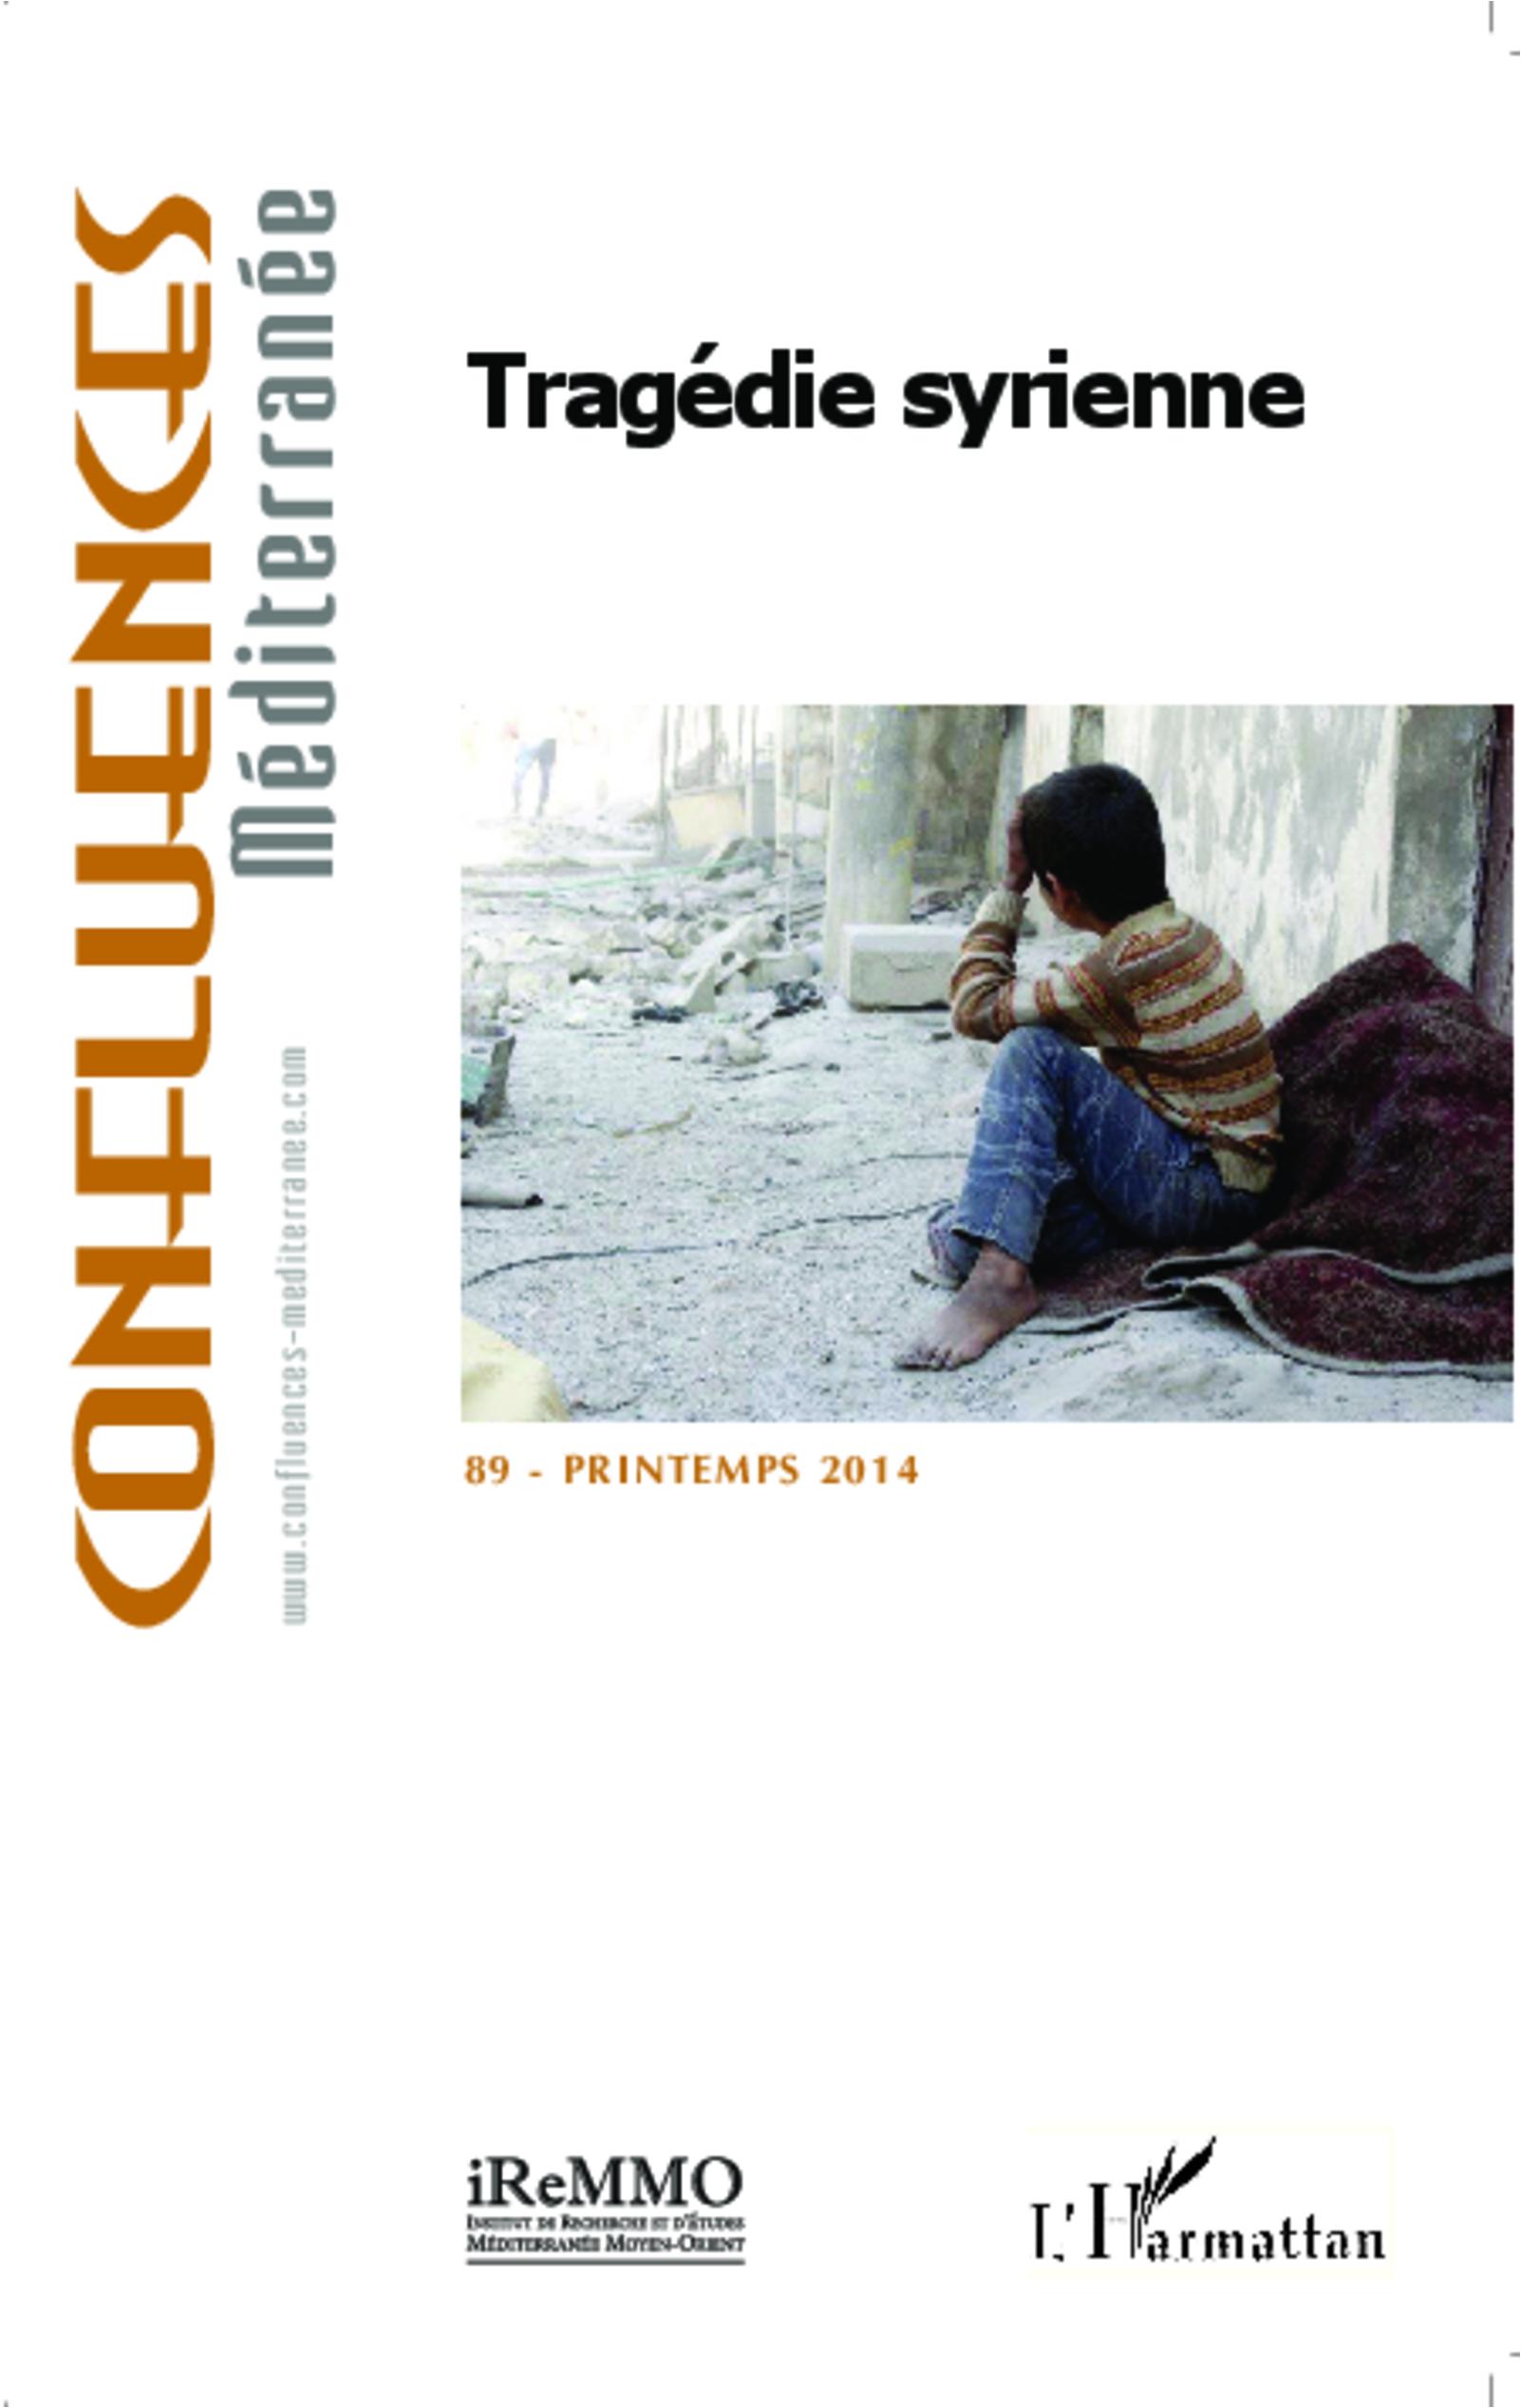 TRAGEDIE SYRIENNE